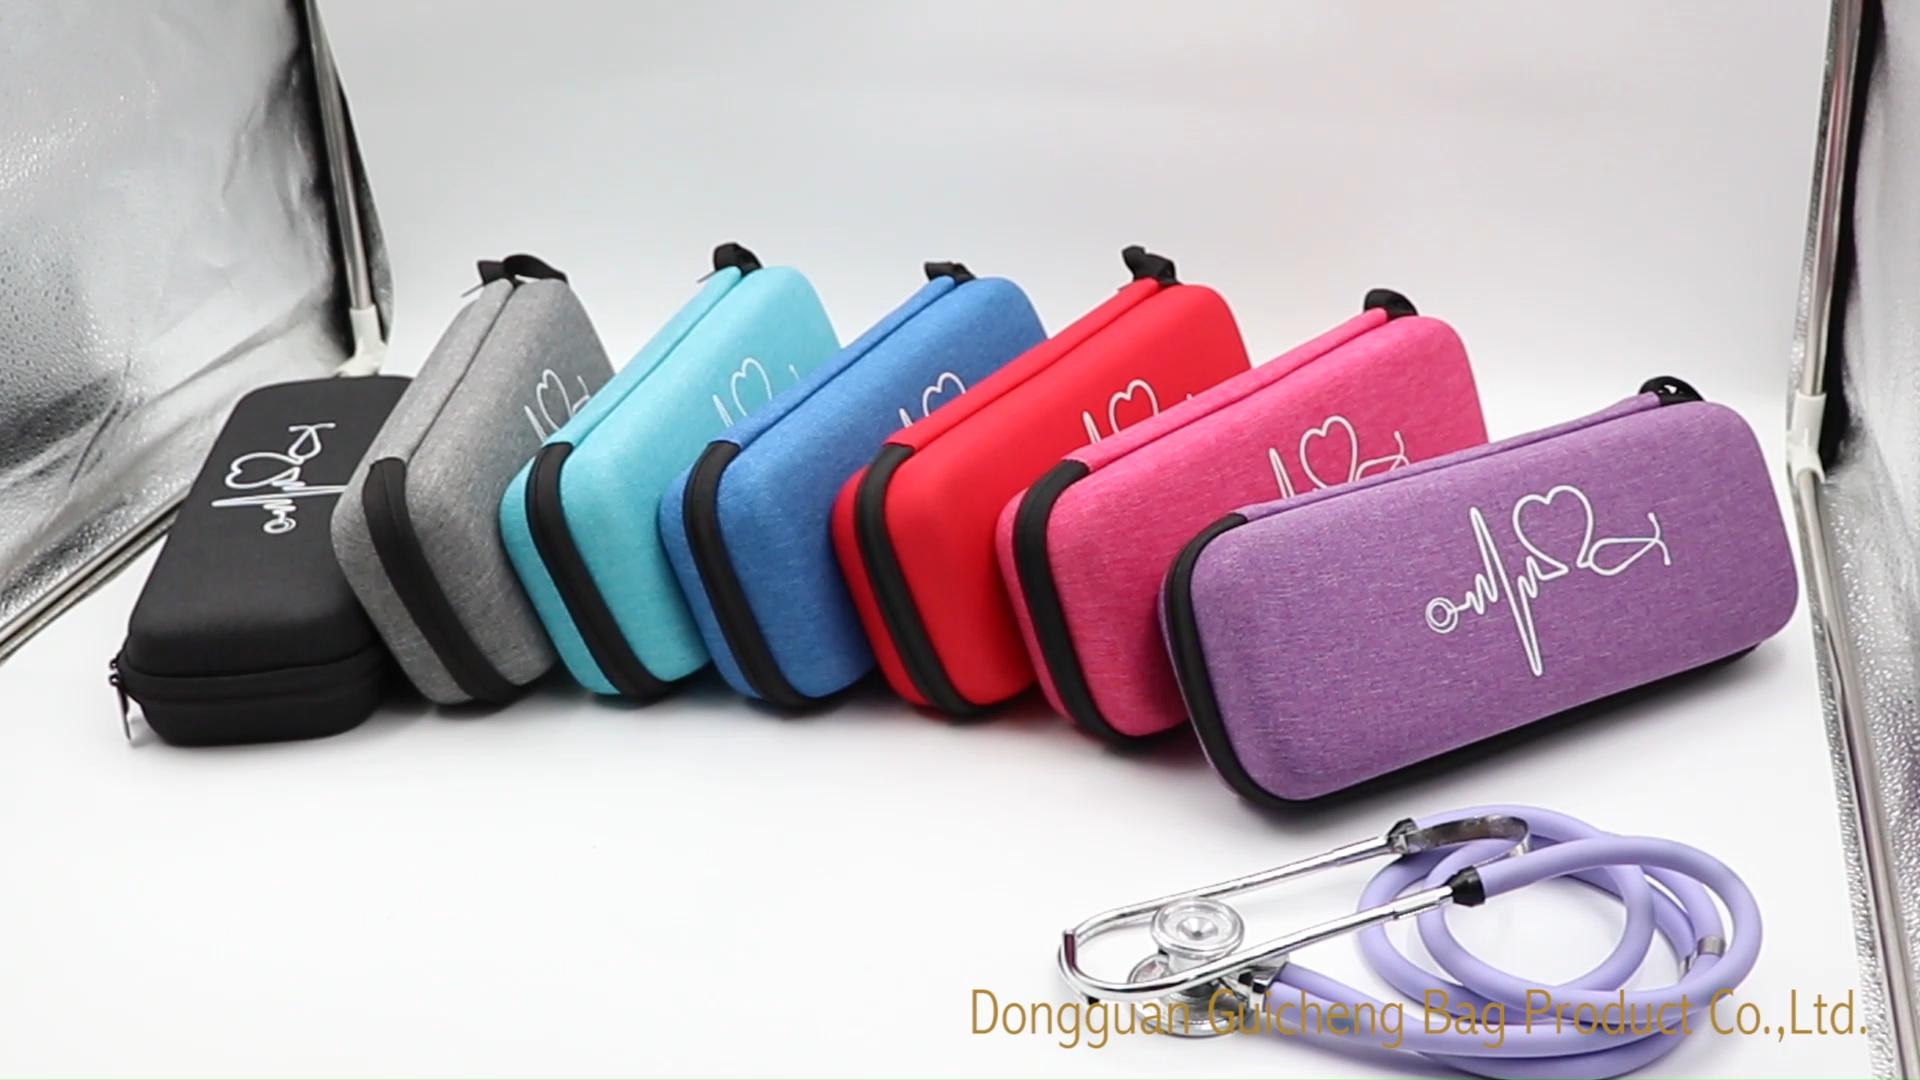 กระเป๋าใส่เครื่องฟังเสียงกึ่งแข็ง,ใช้ได้กับเครื่องฟังเสียงLittmann 3Mและอุปกรณ์เสริมอื่นๆ-มีสีฟ้า,สีเทา,สีม่วงและสีชมพู